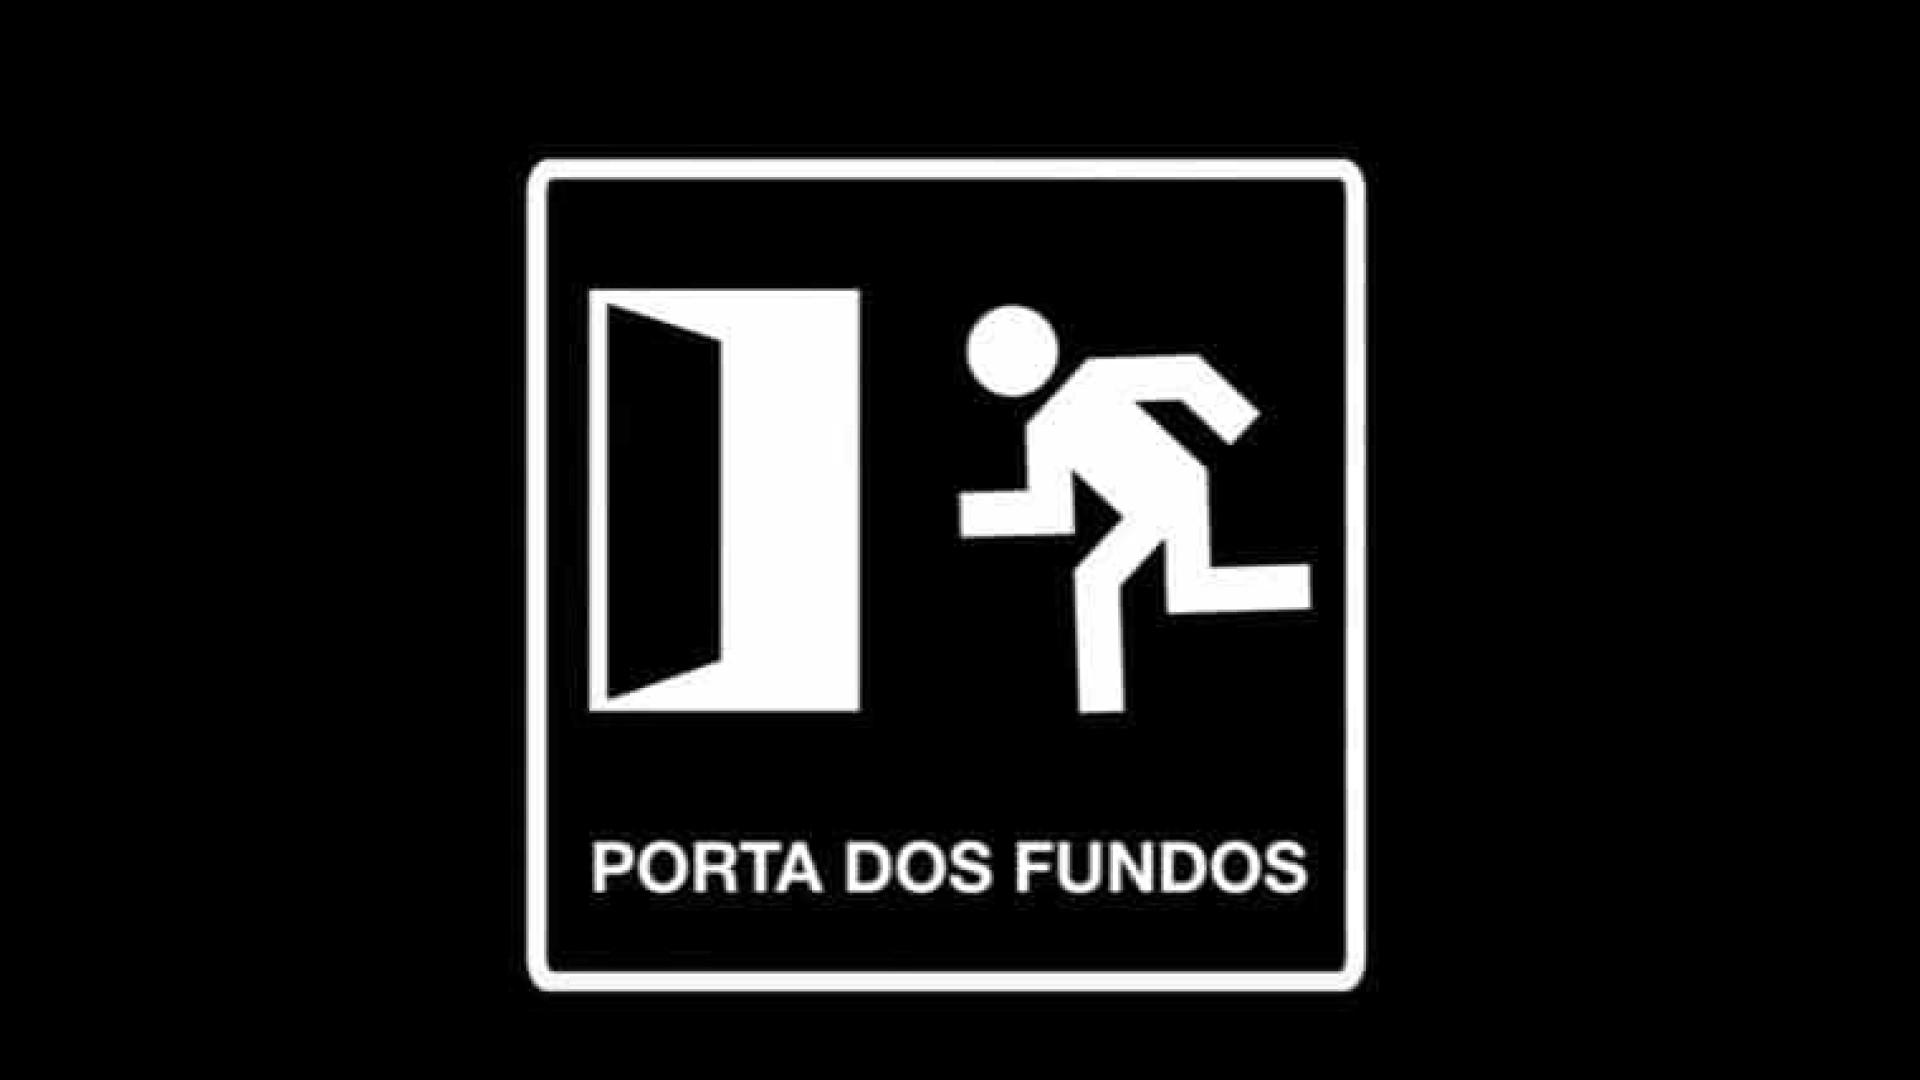 Not Cias Ao Minuto Porta Dos Fundos Regressa Este M S A